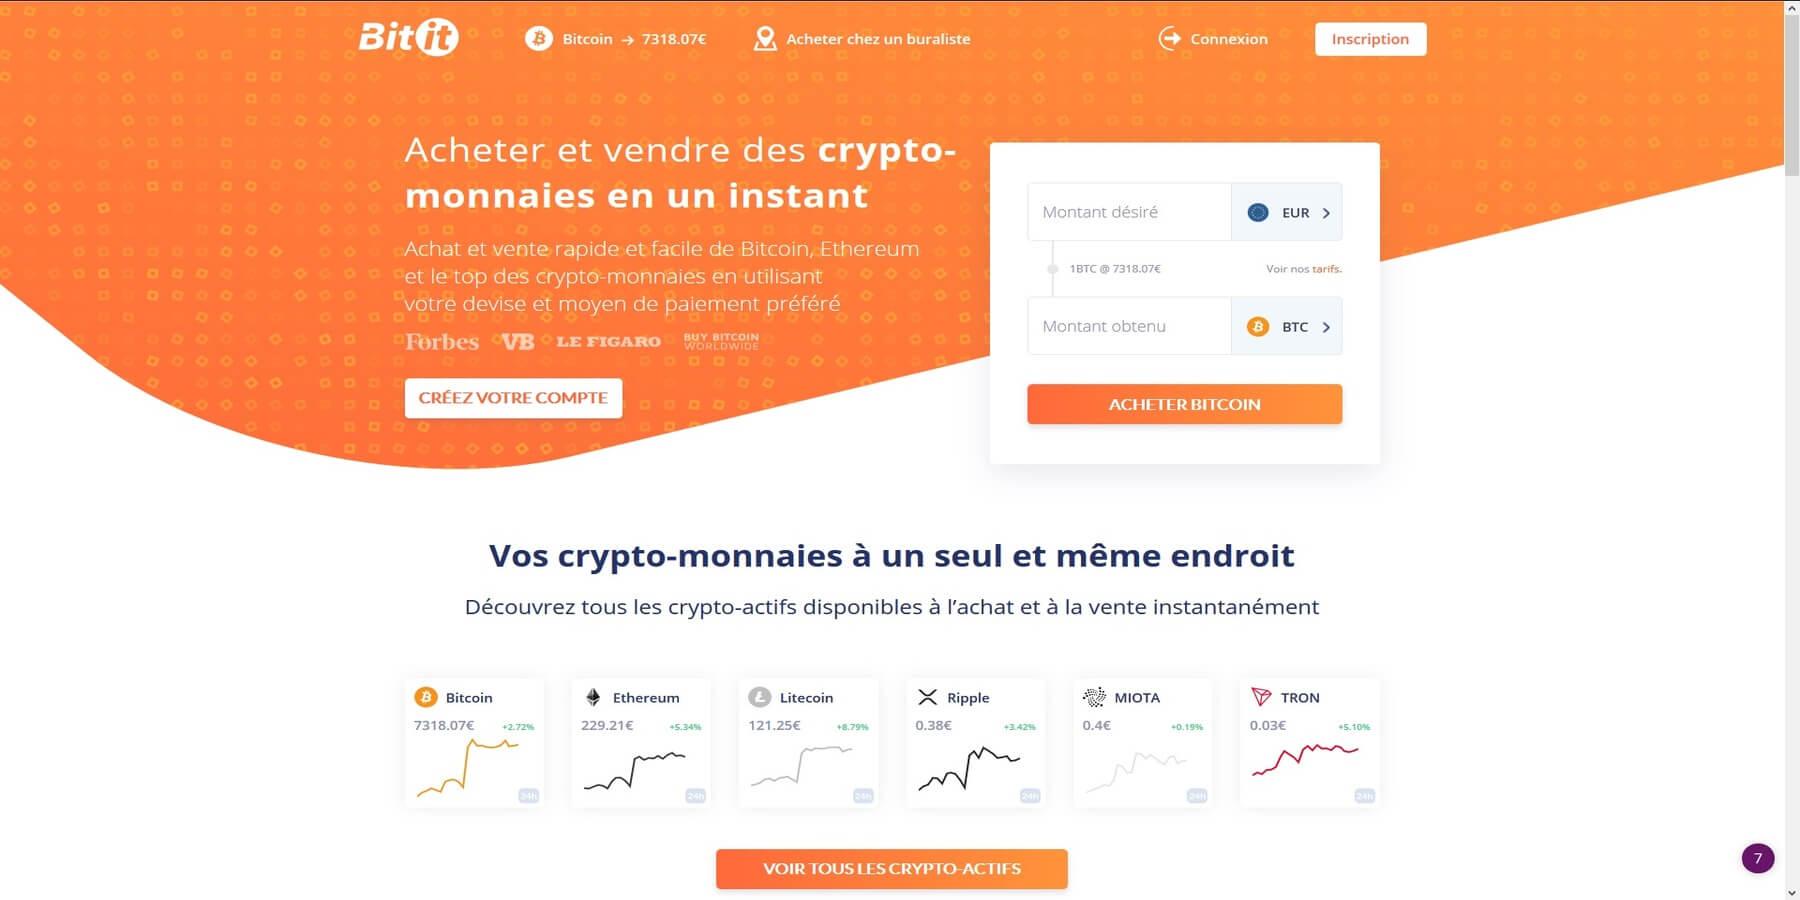 Acheter des cryptomonnaies chez Bitit